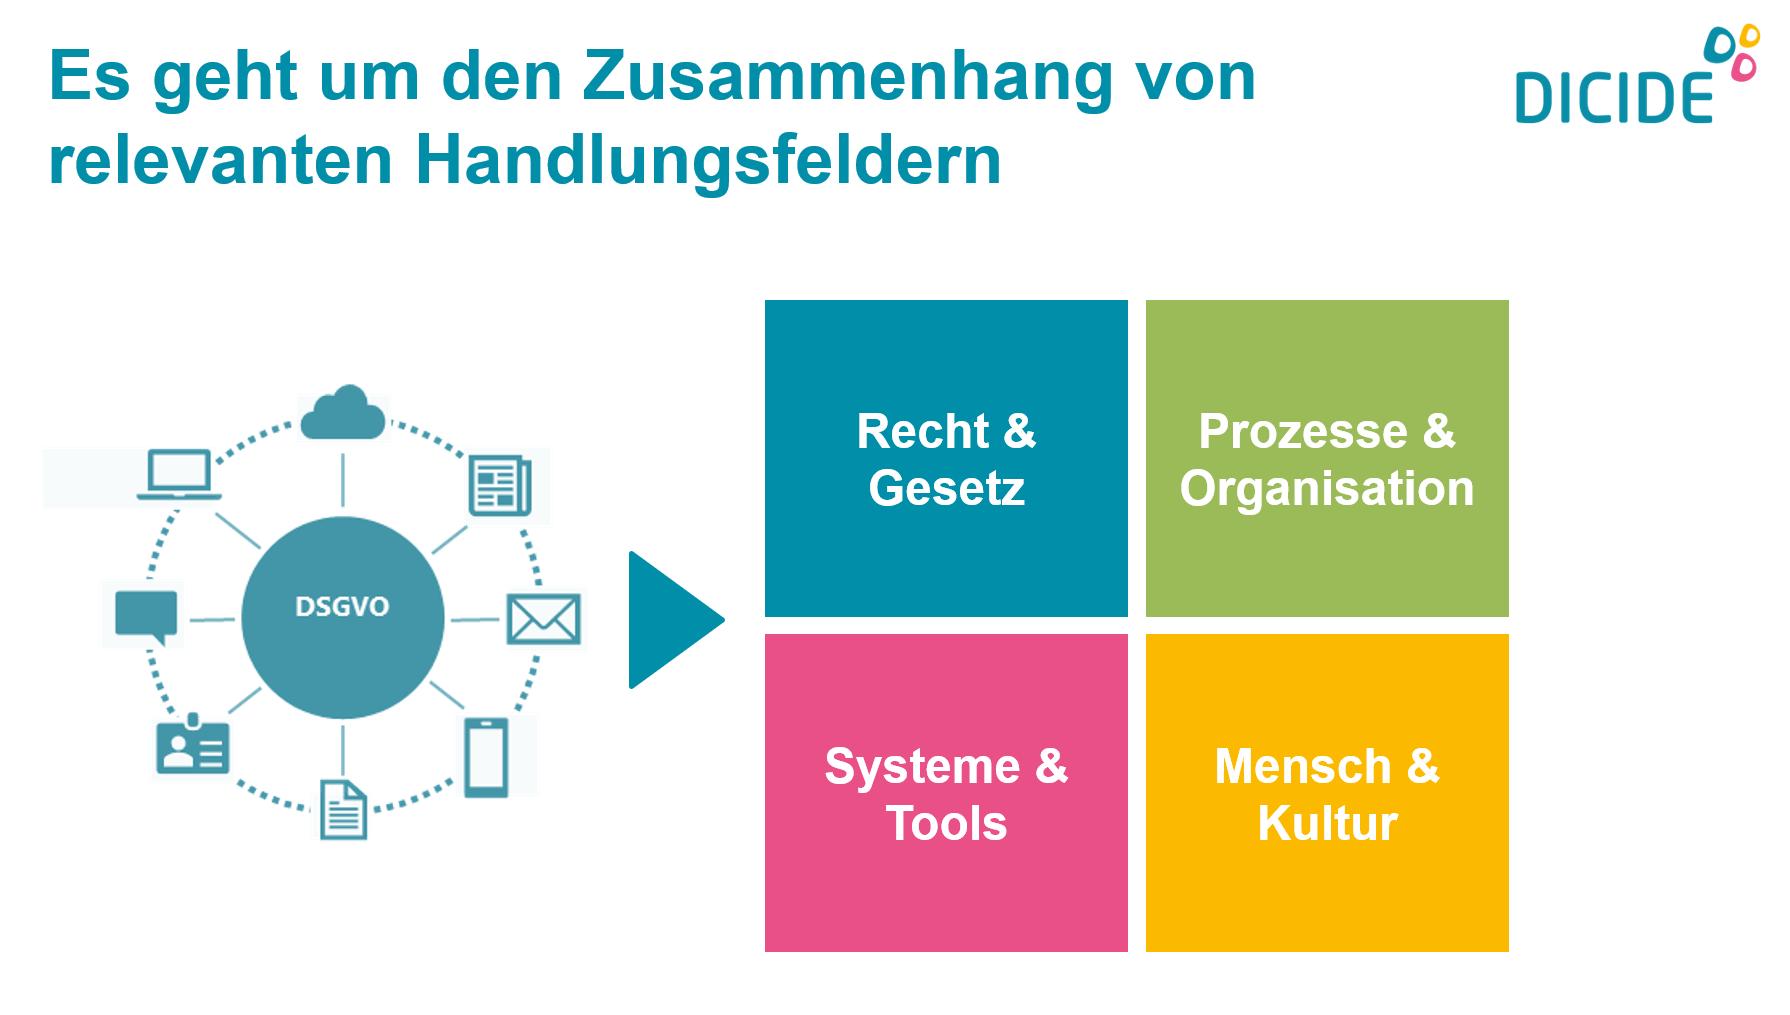 Zusammenhange relevanter Handlungsfelder bei der Umsetzung der DSGVO